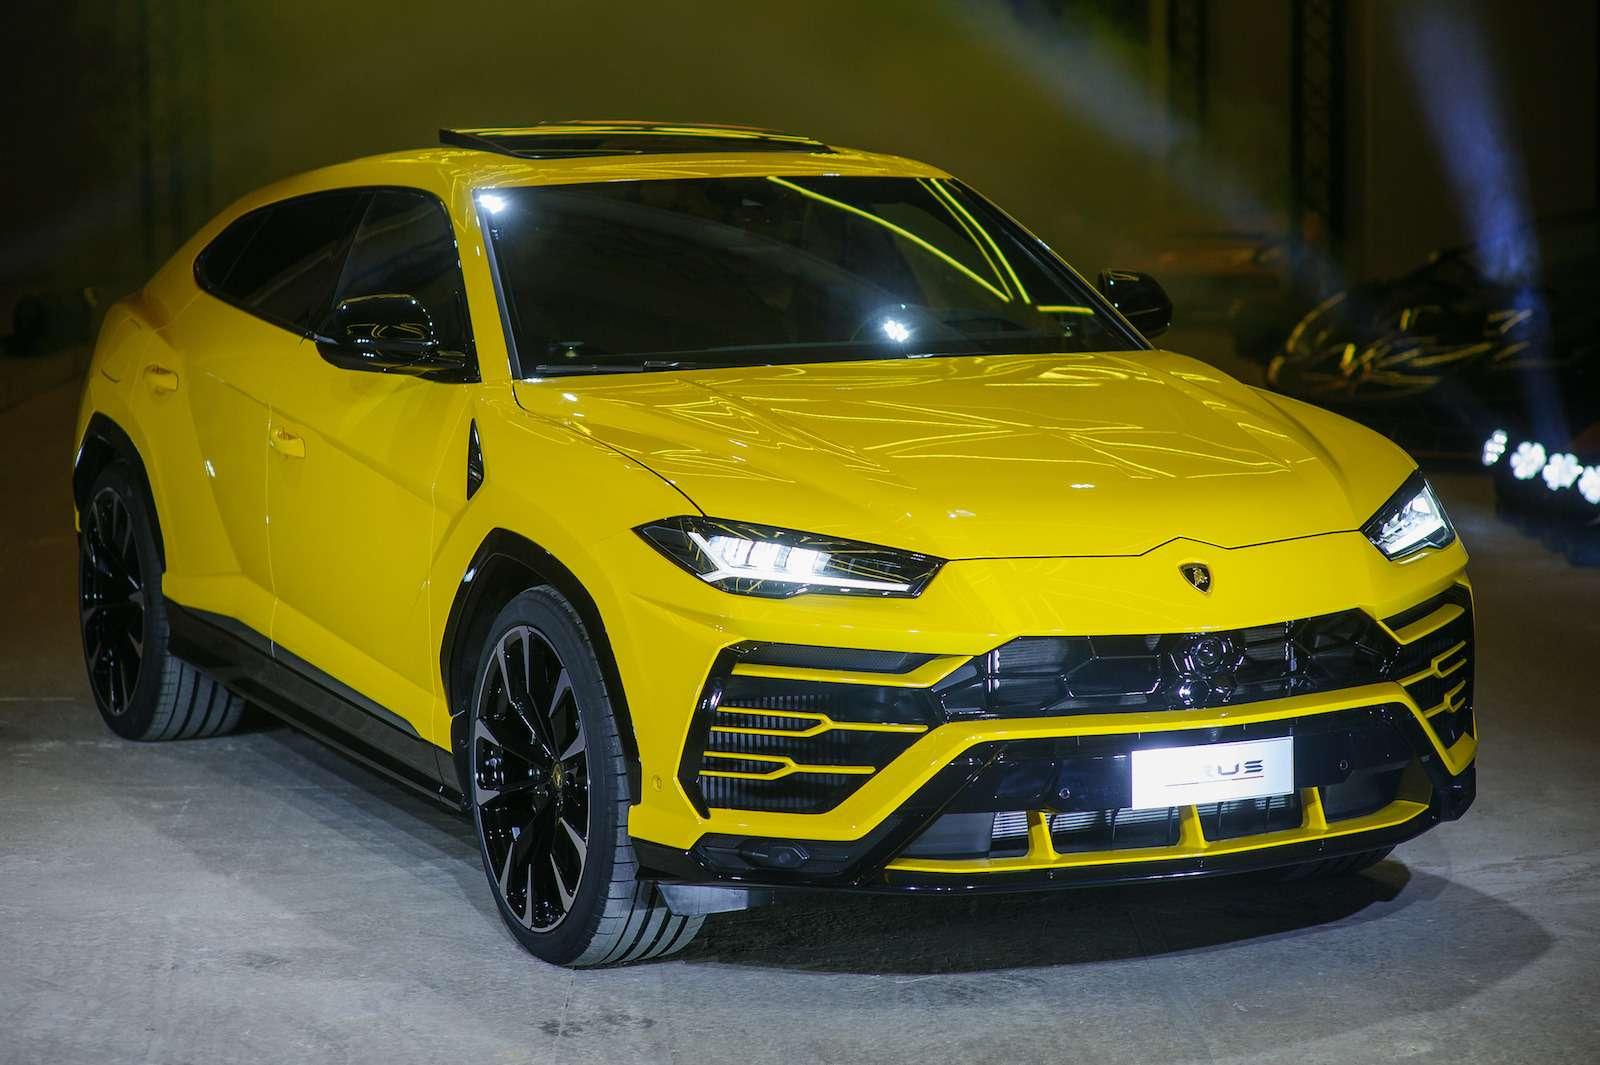 Lamborghini привезла вРоссию автомобиль, который небоится «лежачих полицейских»— фото 845784